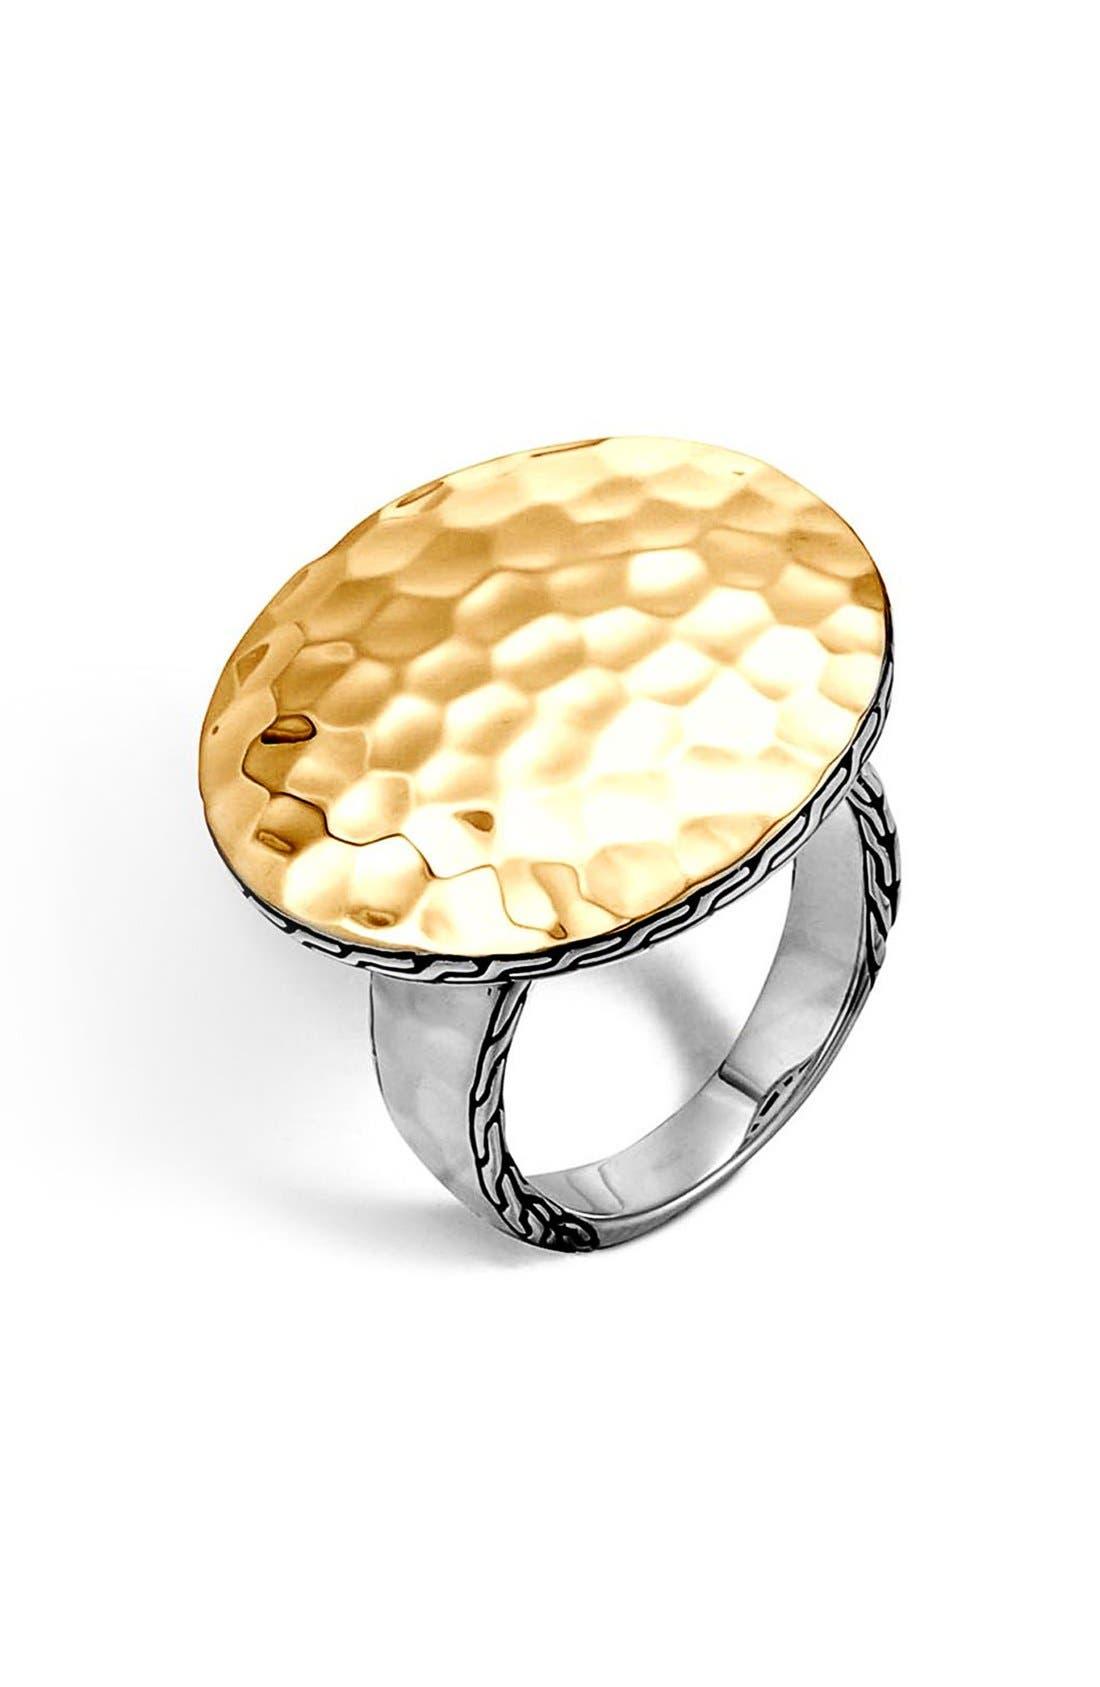 Main Image - John Hardy 'Dot' Round Ring